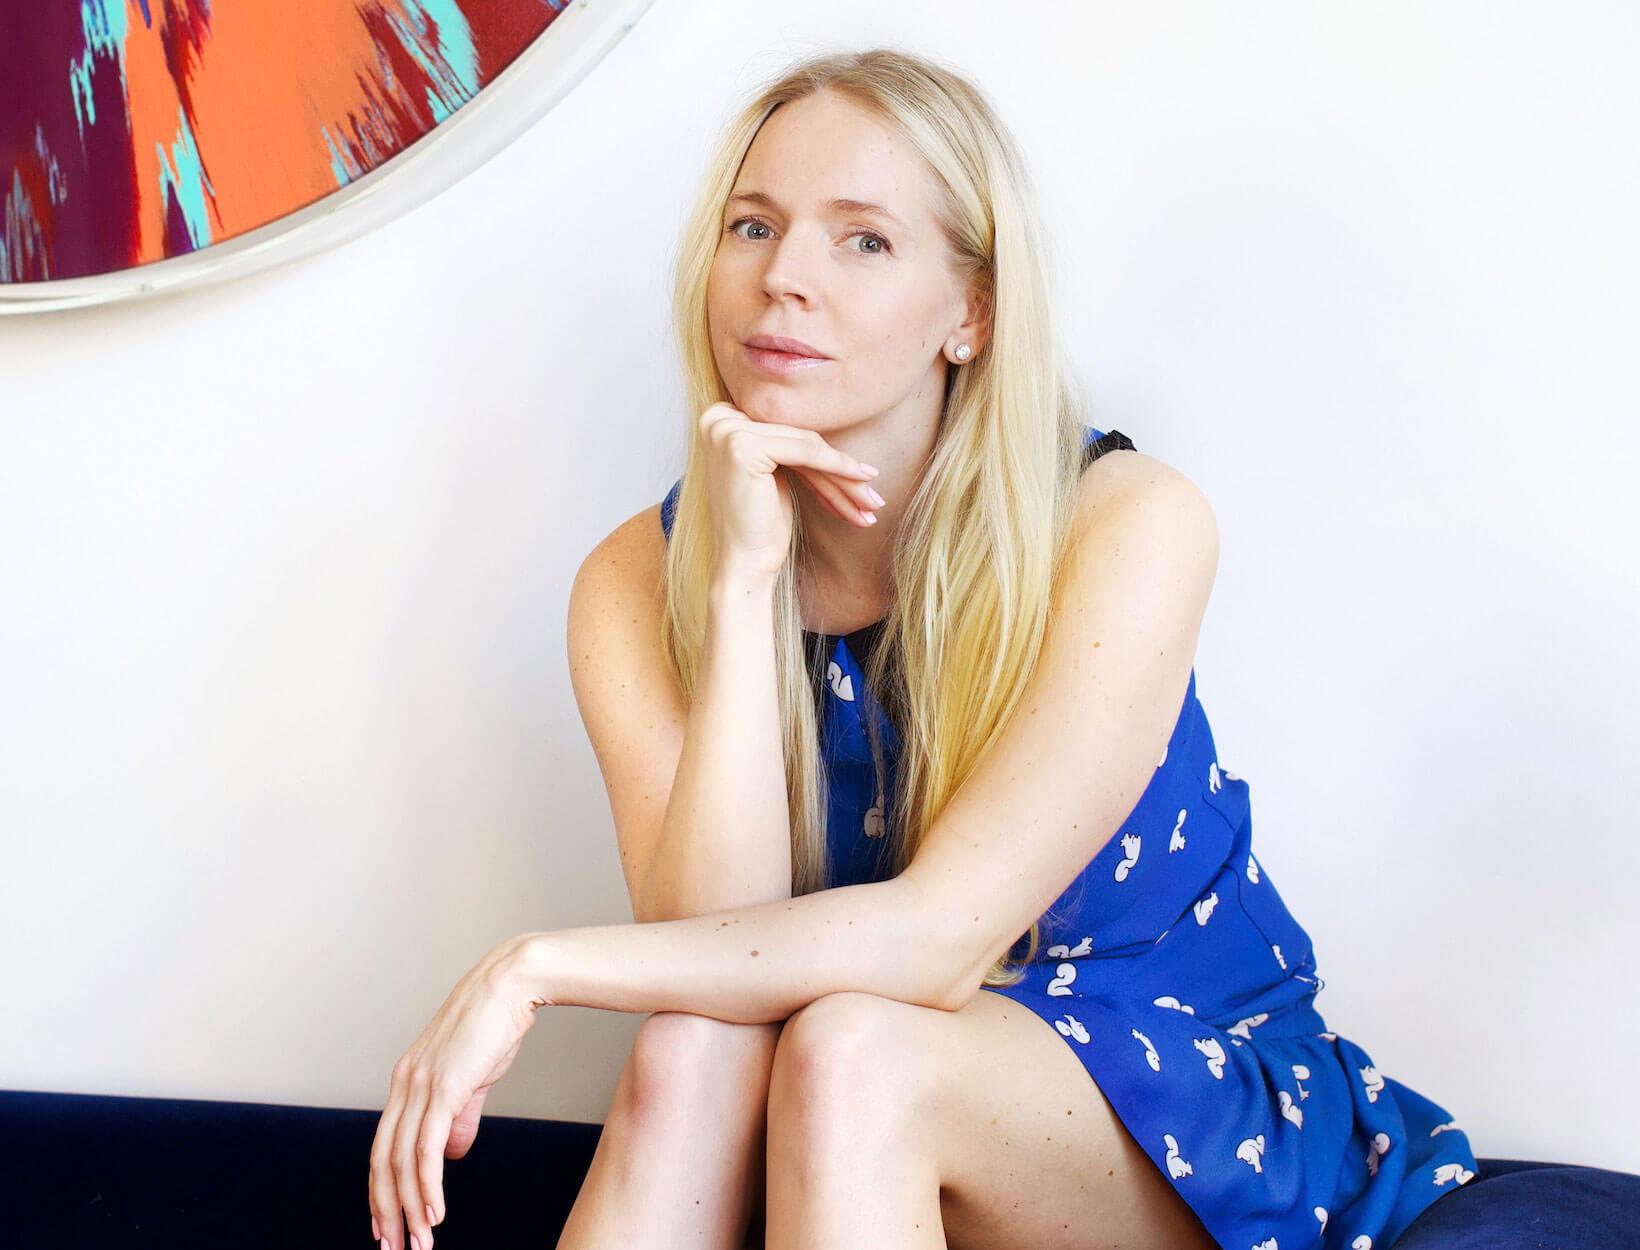 Jessica Bowers